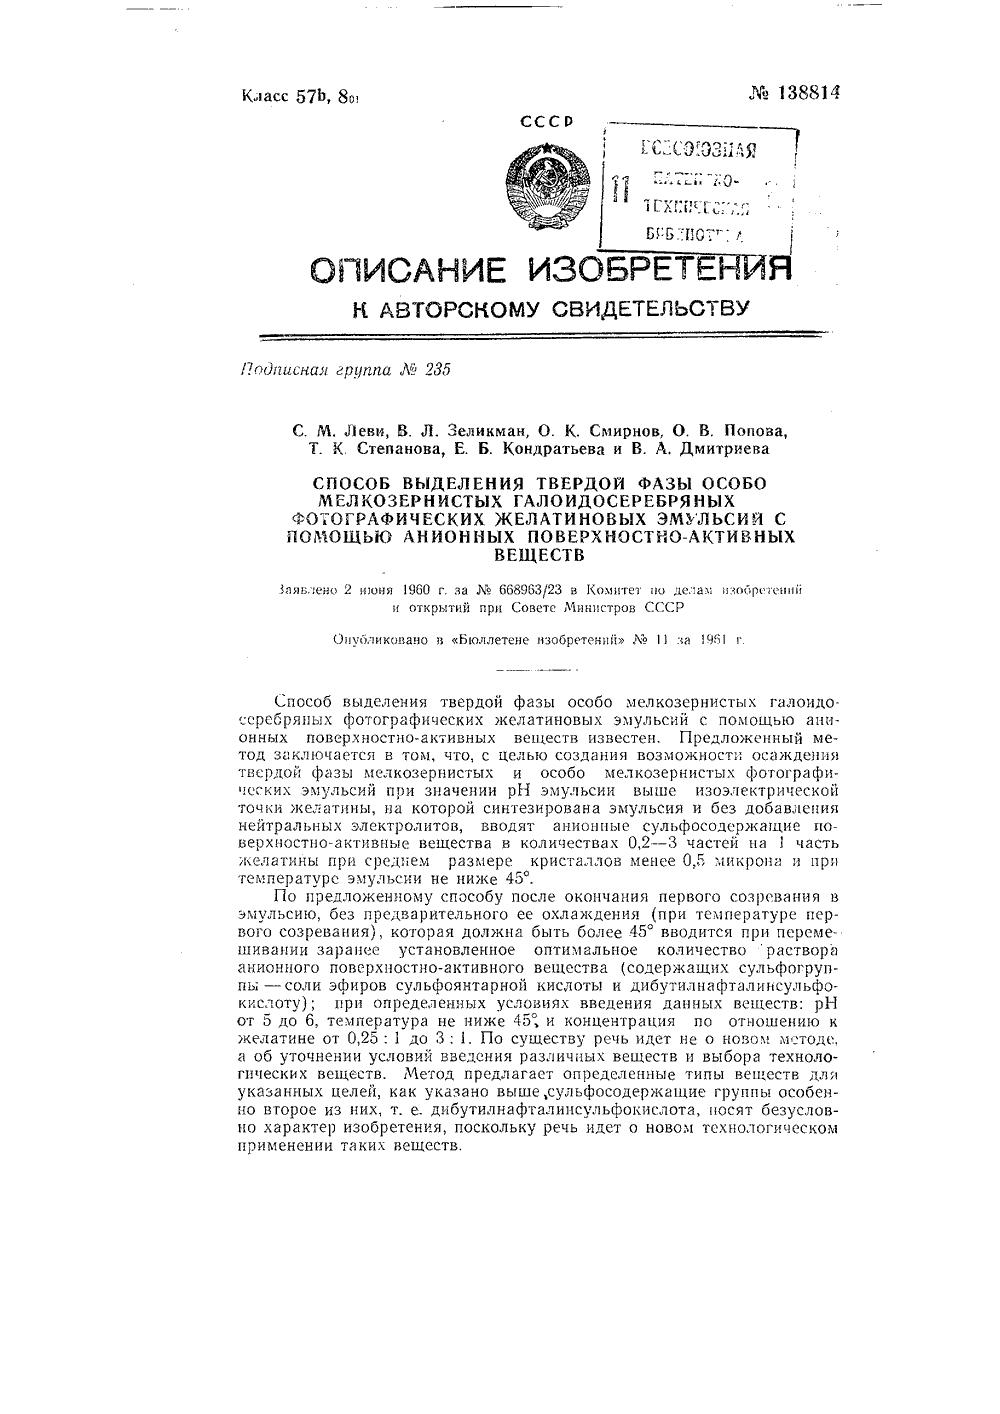 осаждение фотографической эмульсии советском союзе для